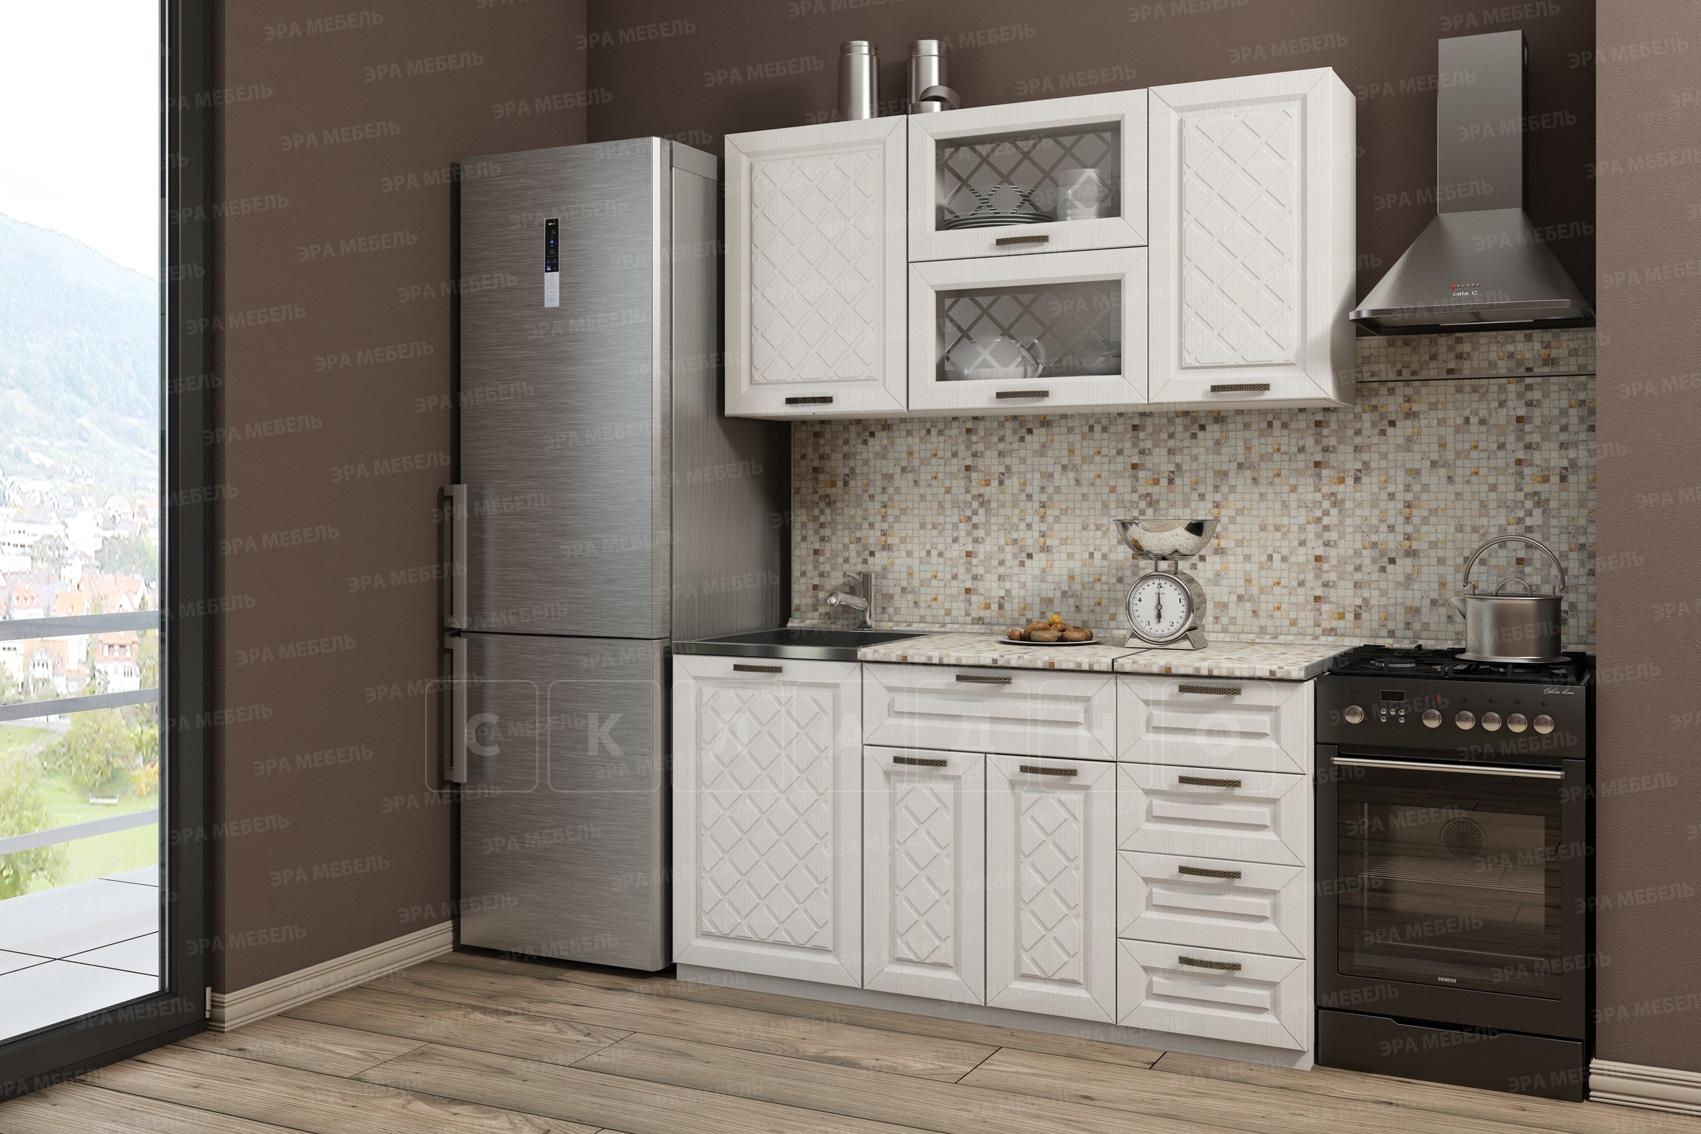 Кухонный гарнитур Агава 1,5 м вариант 2 фото 1   интернет-магазин Складно